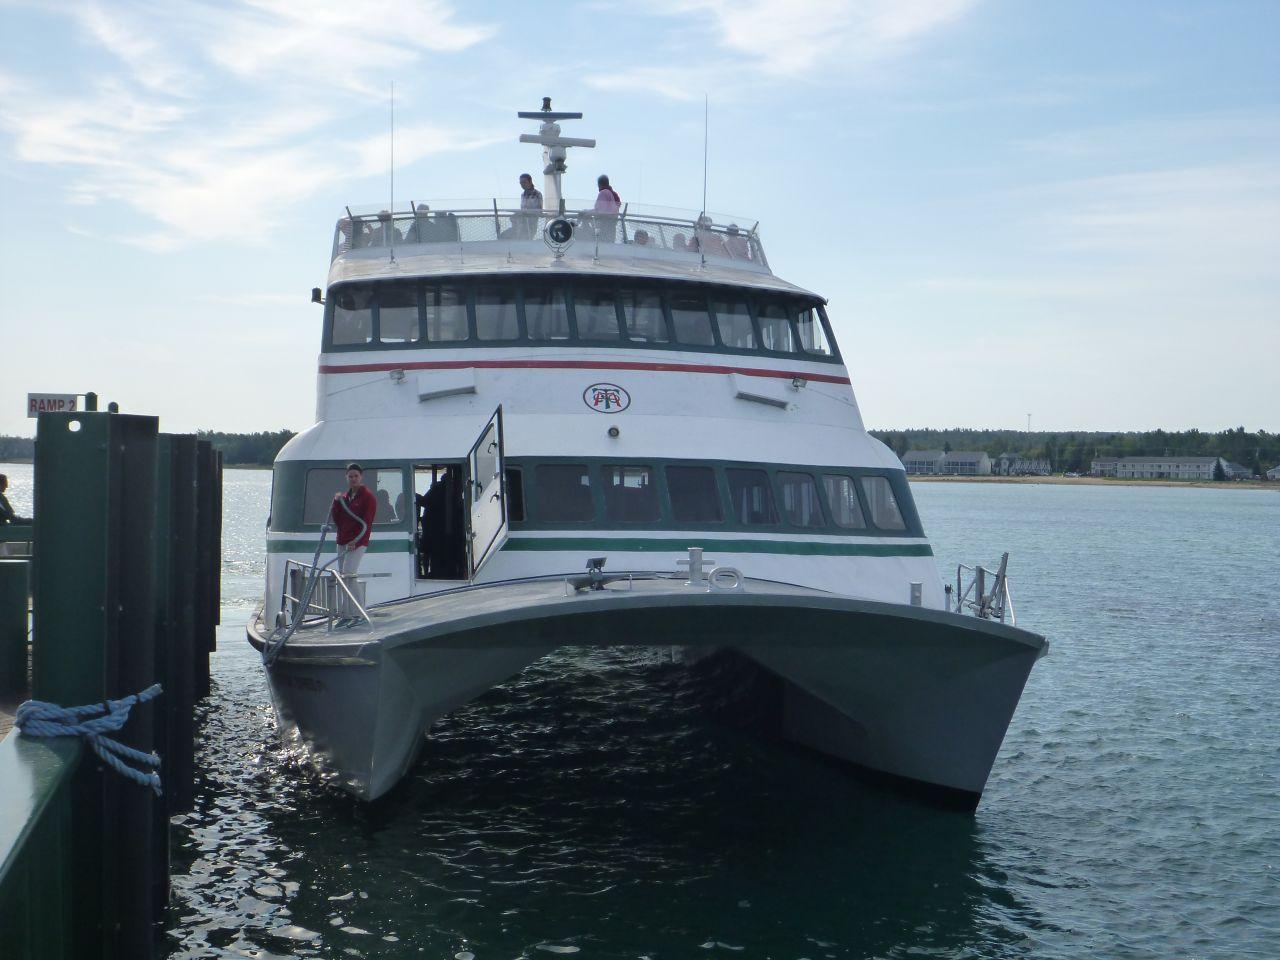 The Catamaran Ferry That We Took To Mackinac Island